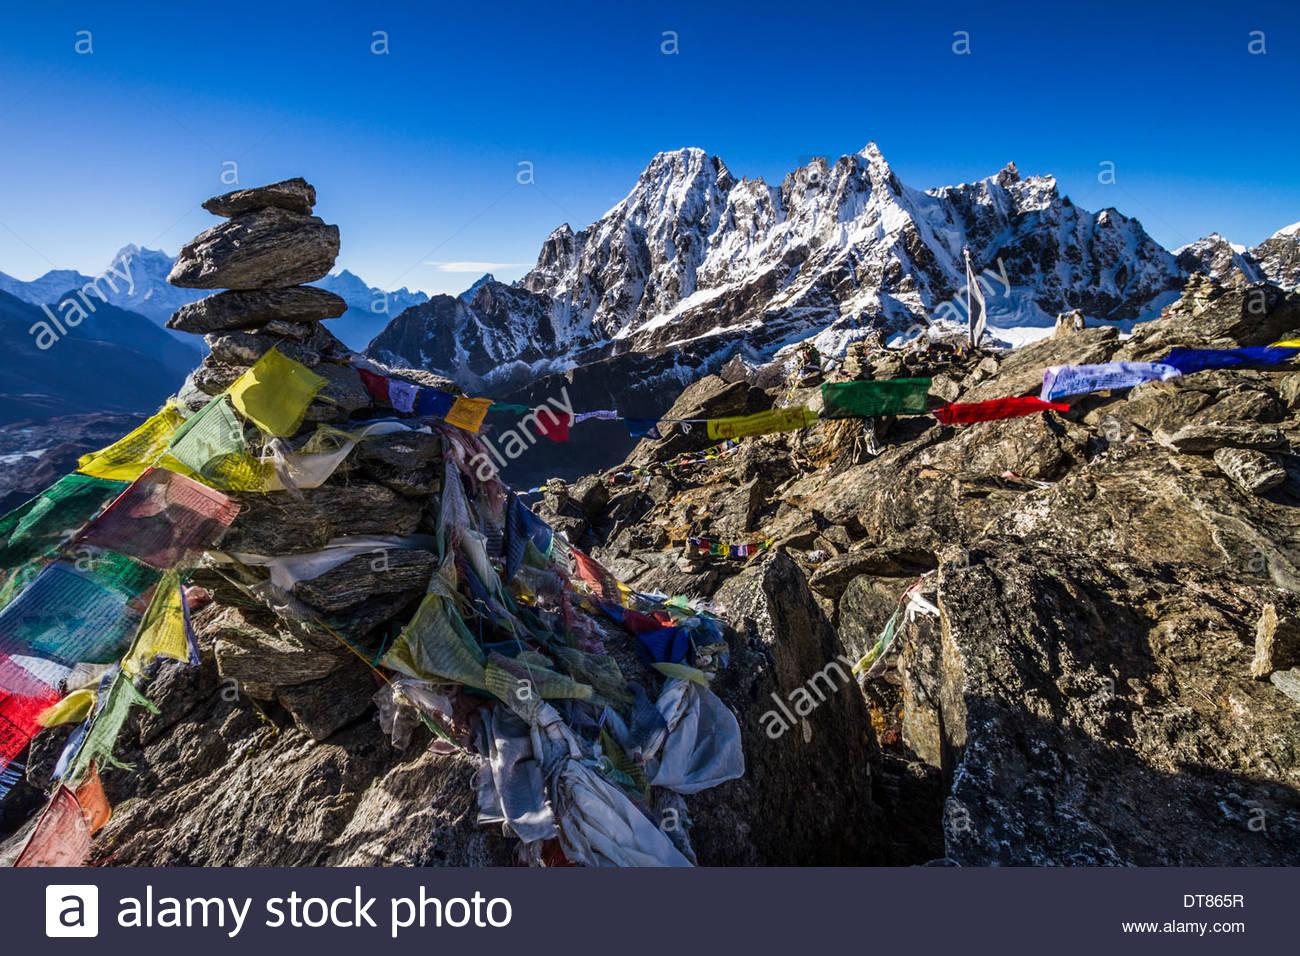 Prayer Flags And The Machermo Range From Gokyo Ri, Nepal - Stock Image